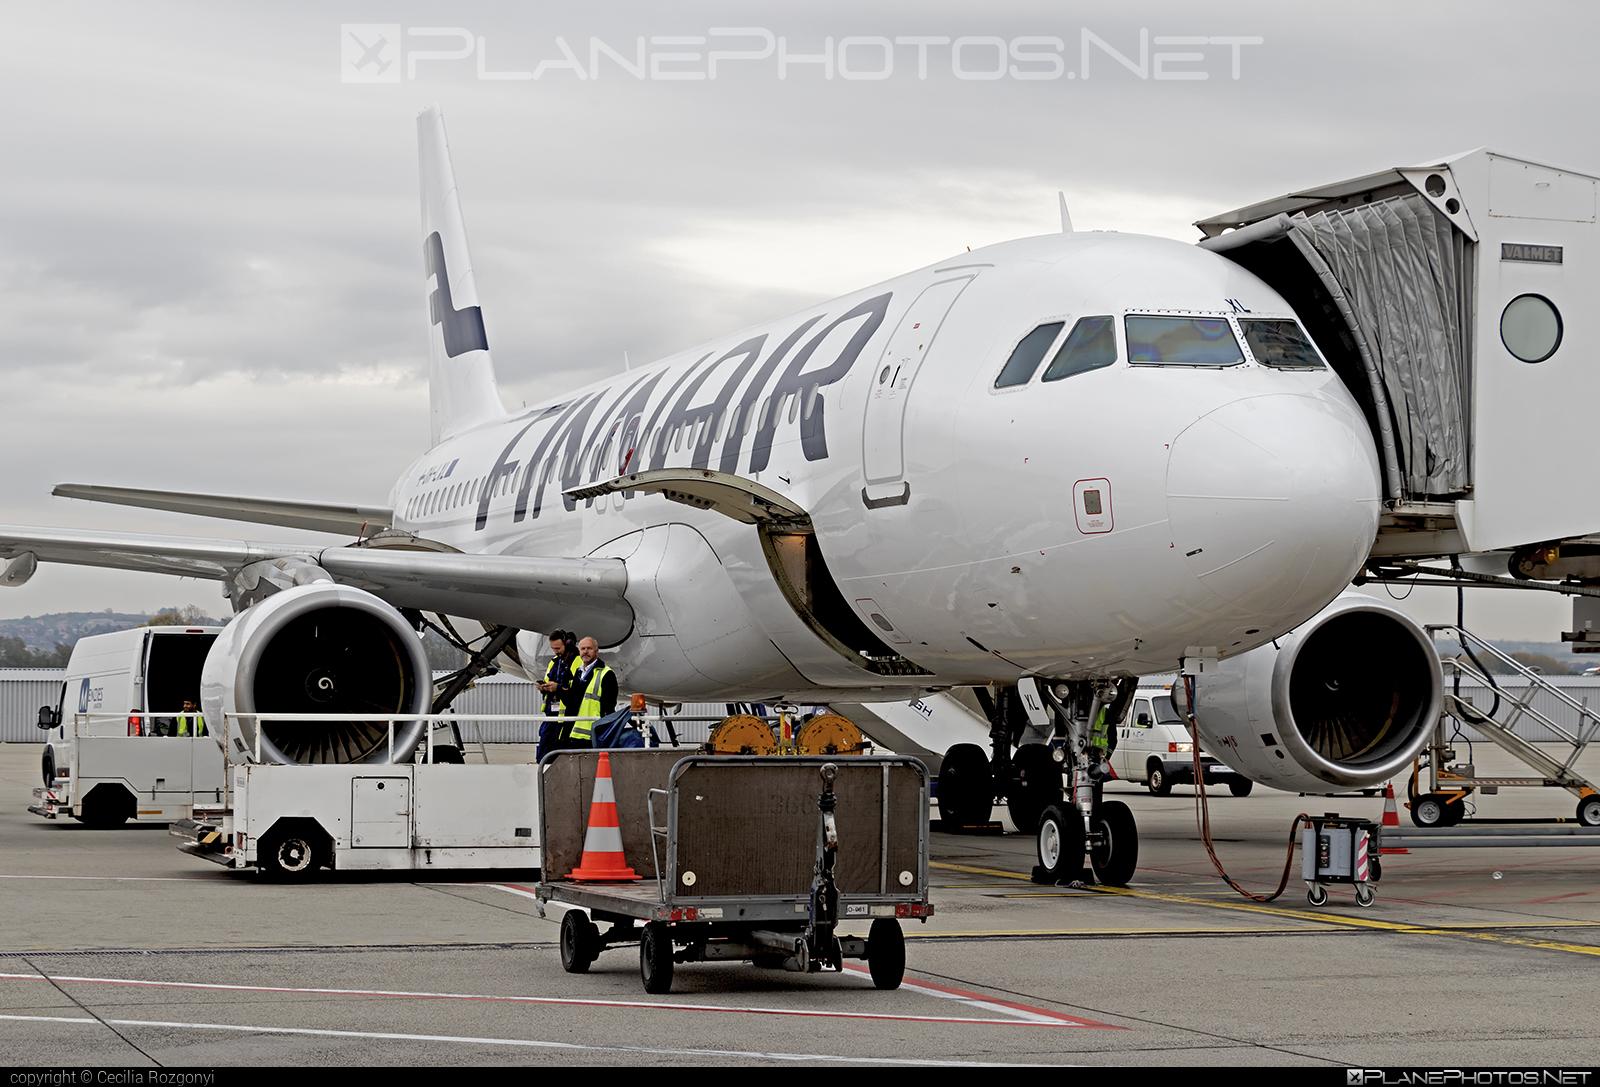 Airbus A320-214 - OH-LXL operated by Finnair #a320 #a320family #airbus #airbus320 #finnair